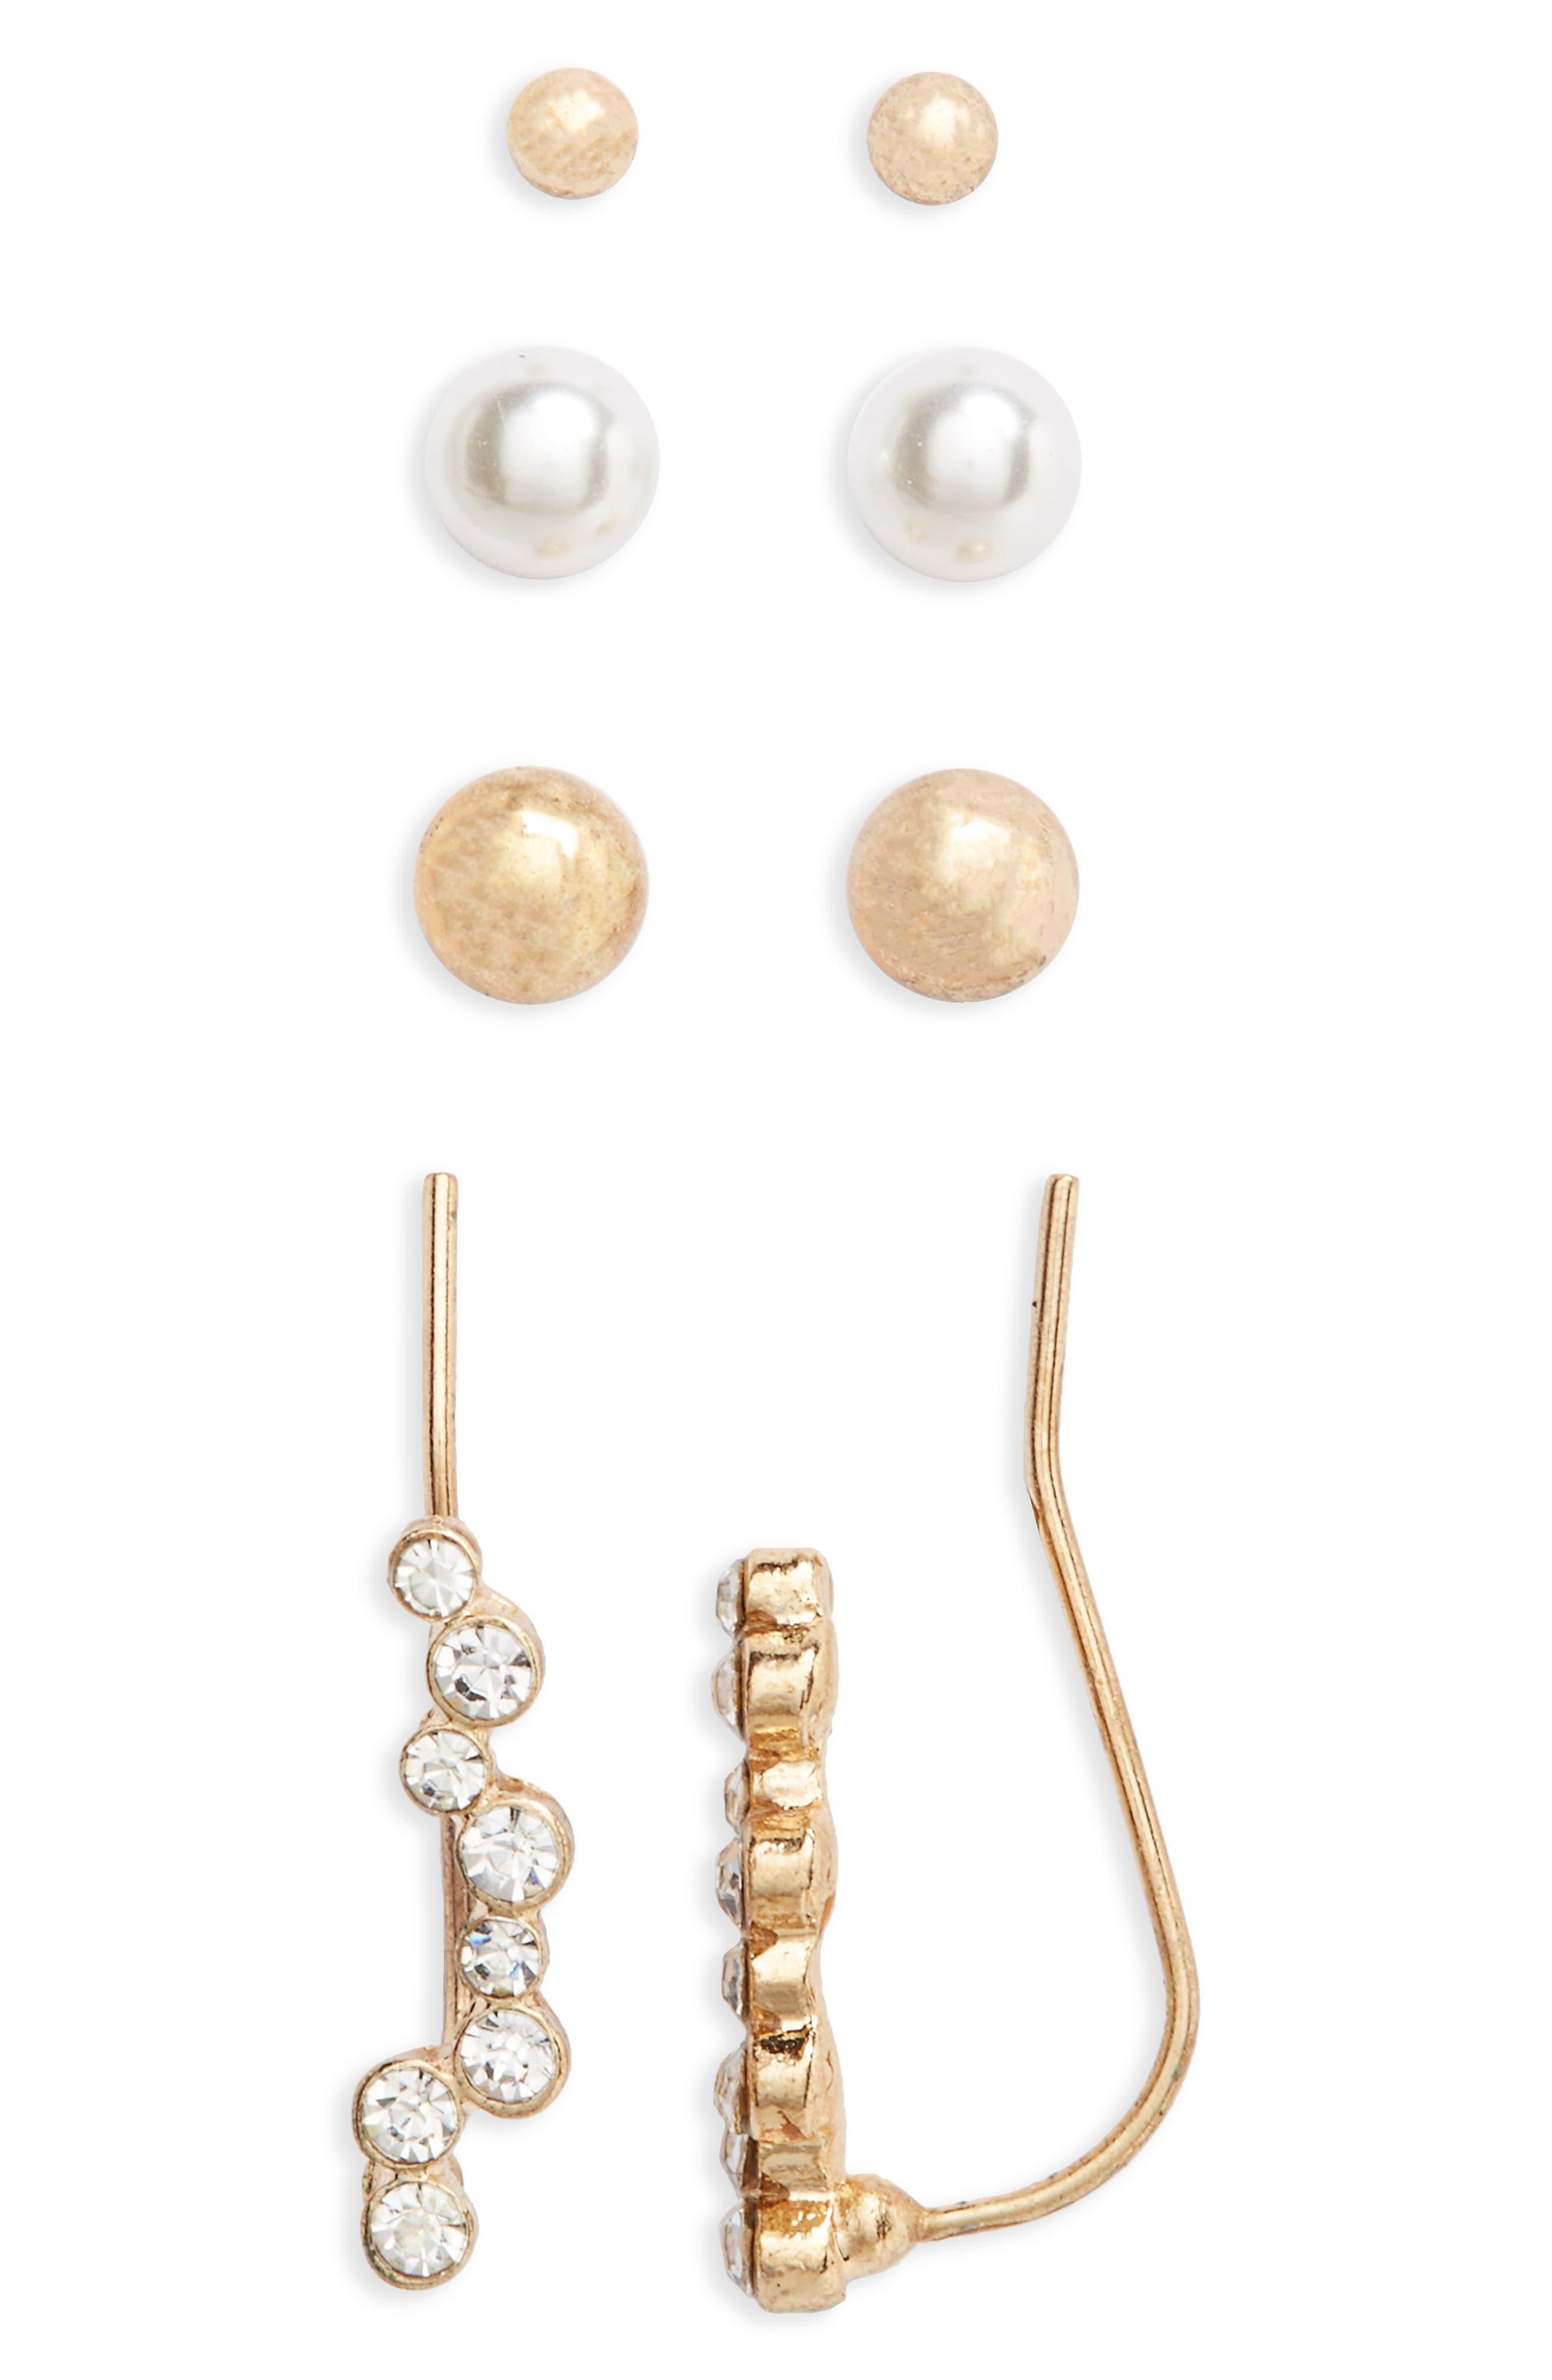 4-Pack Ear Crawlers & Stud Earrings, Main, color, 710